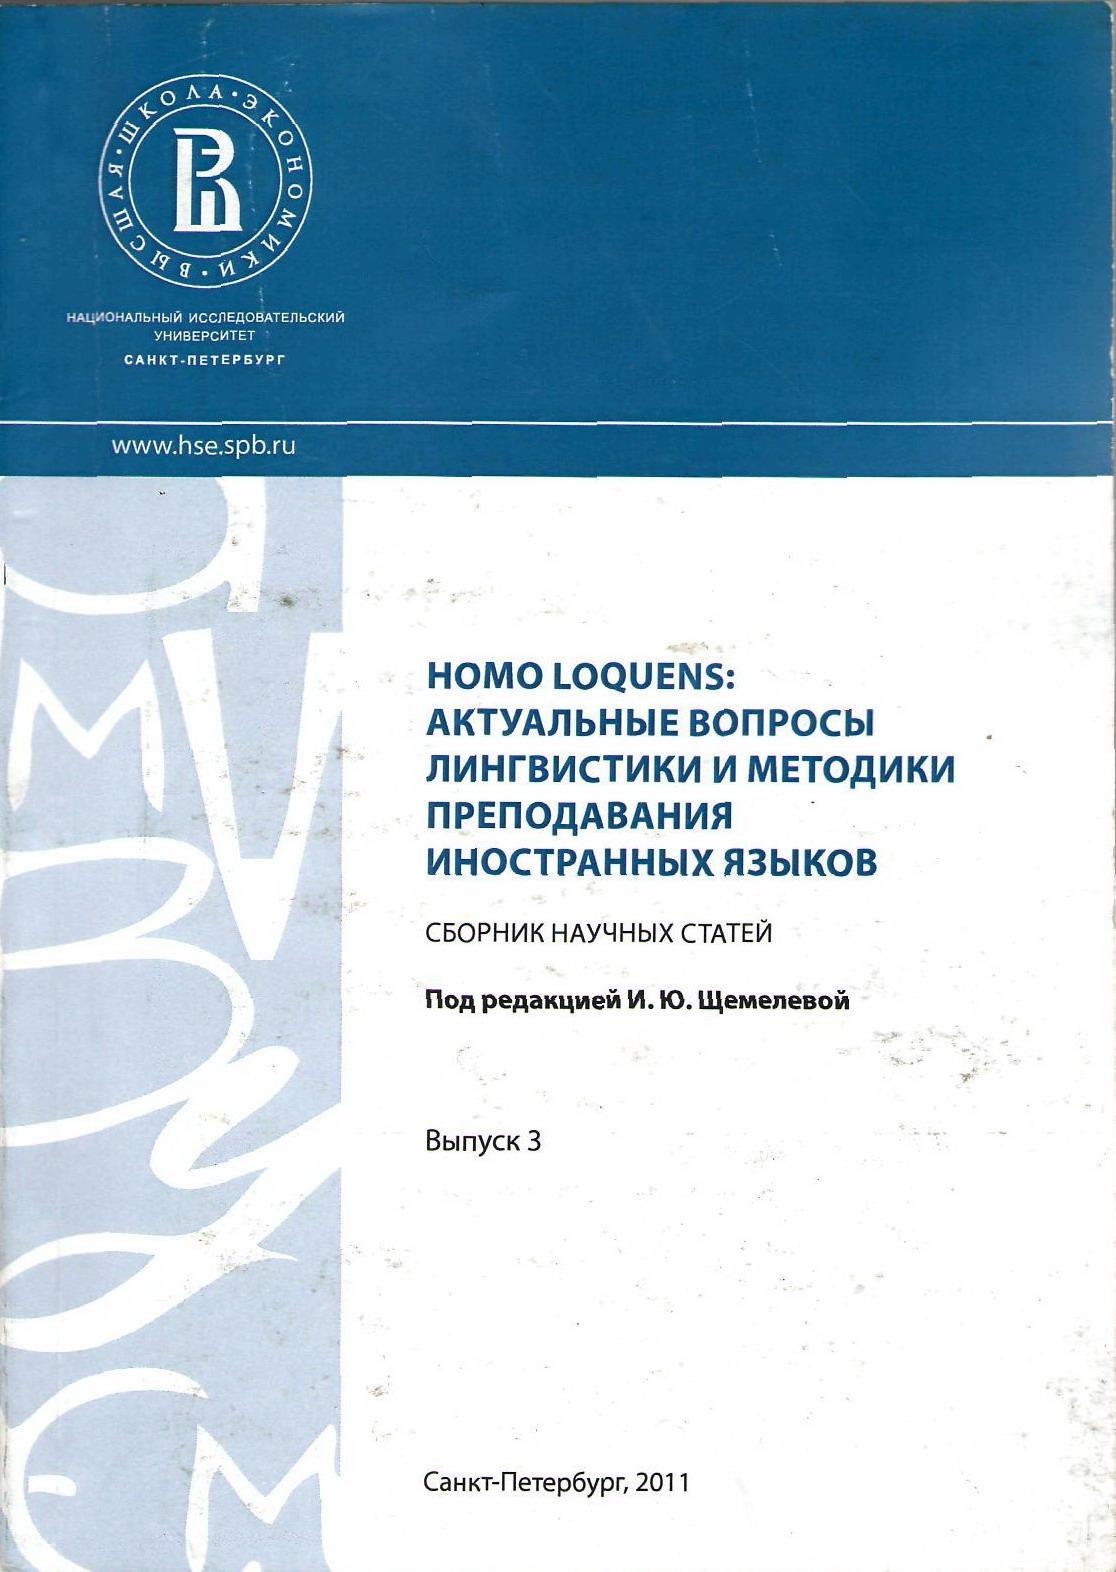 Homo Loquens: актуальные вопросы лингвистики и методики преподавания иностранных языков (2011)